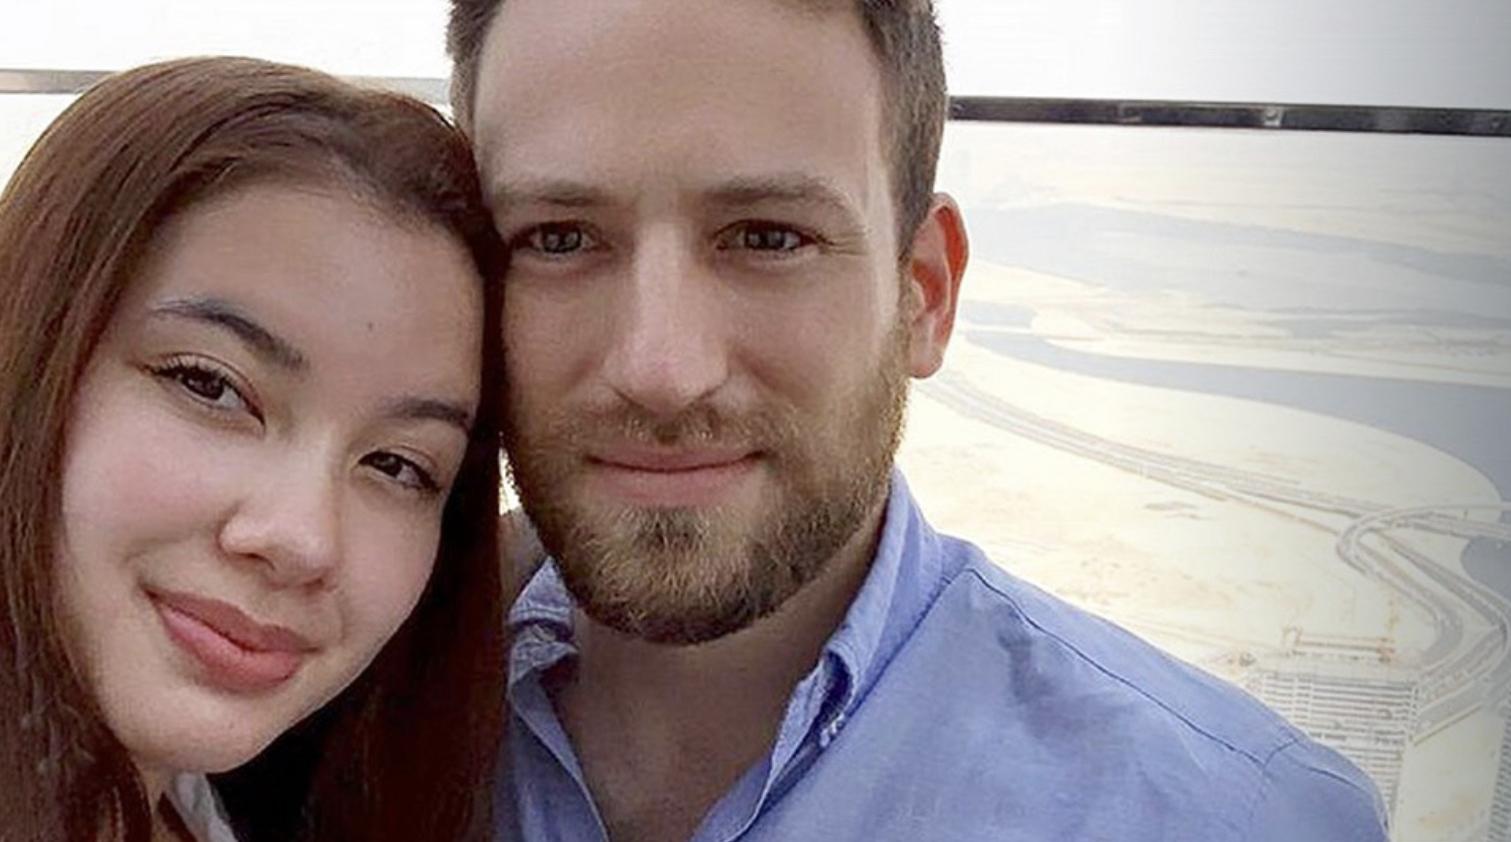 Αποκάλυψη του Spirto για τη δολοφονία Καρολάιν: βόμβα με τα ερωτικά sms του πιλότου! Μίλησε το κινητό του Αναγνωστόπουλου